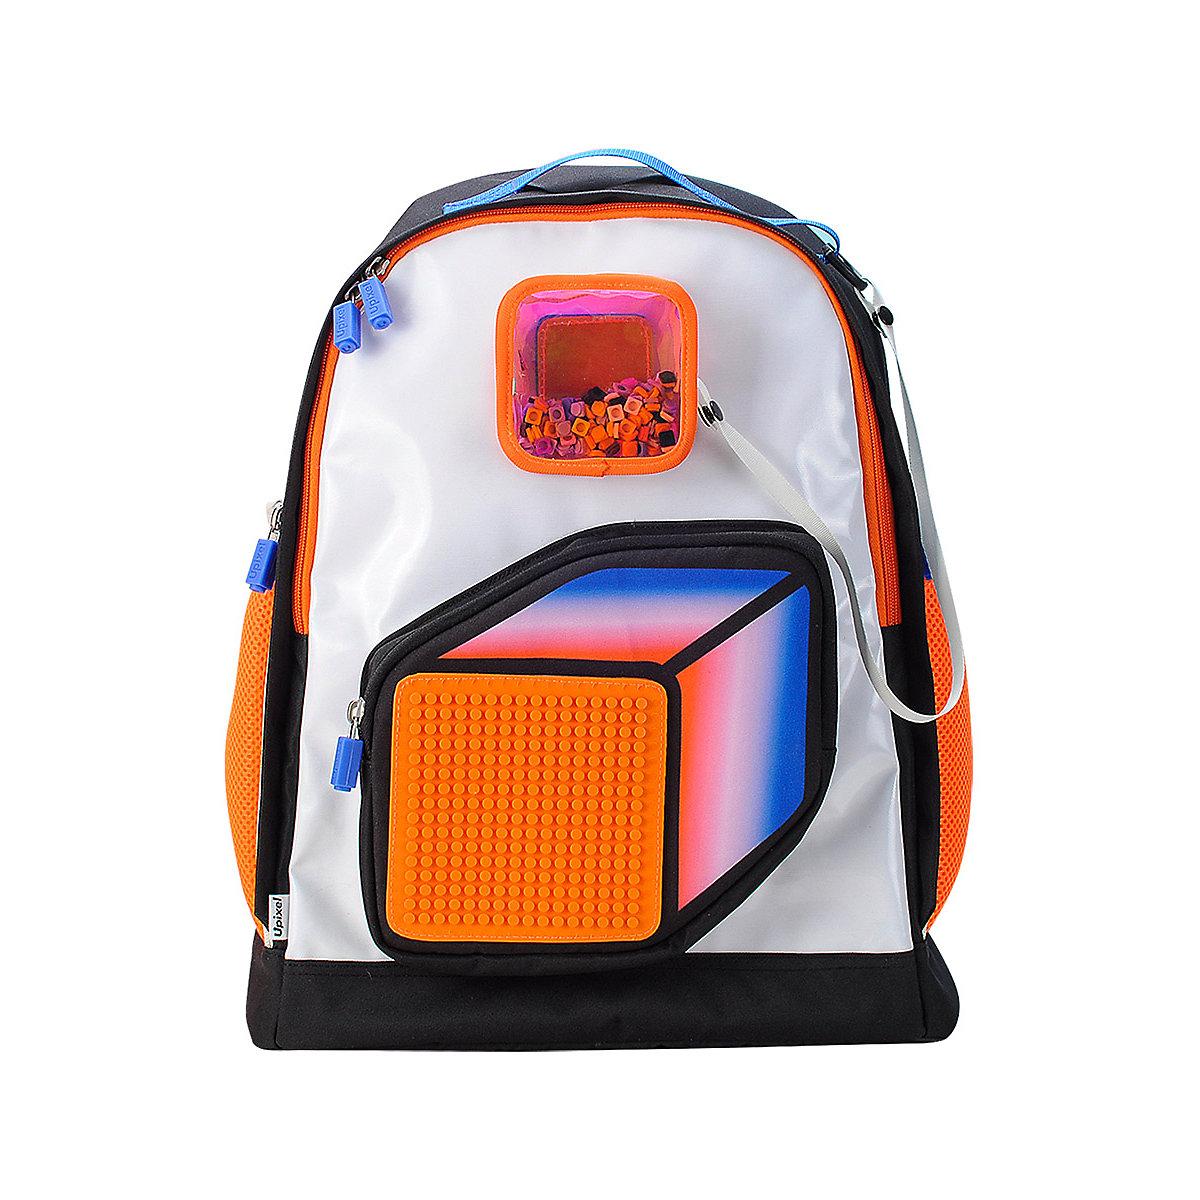 Ранец школьный Upixel Model Answer Оранжевый